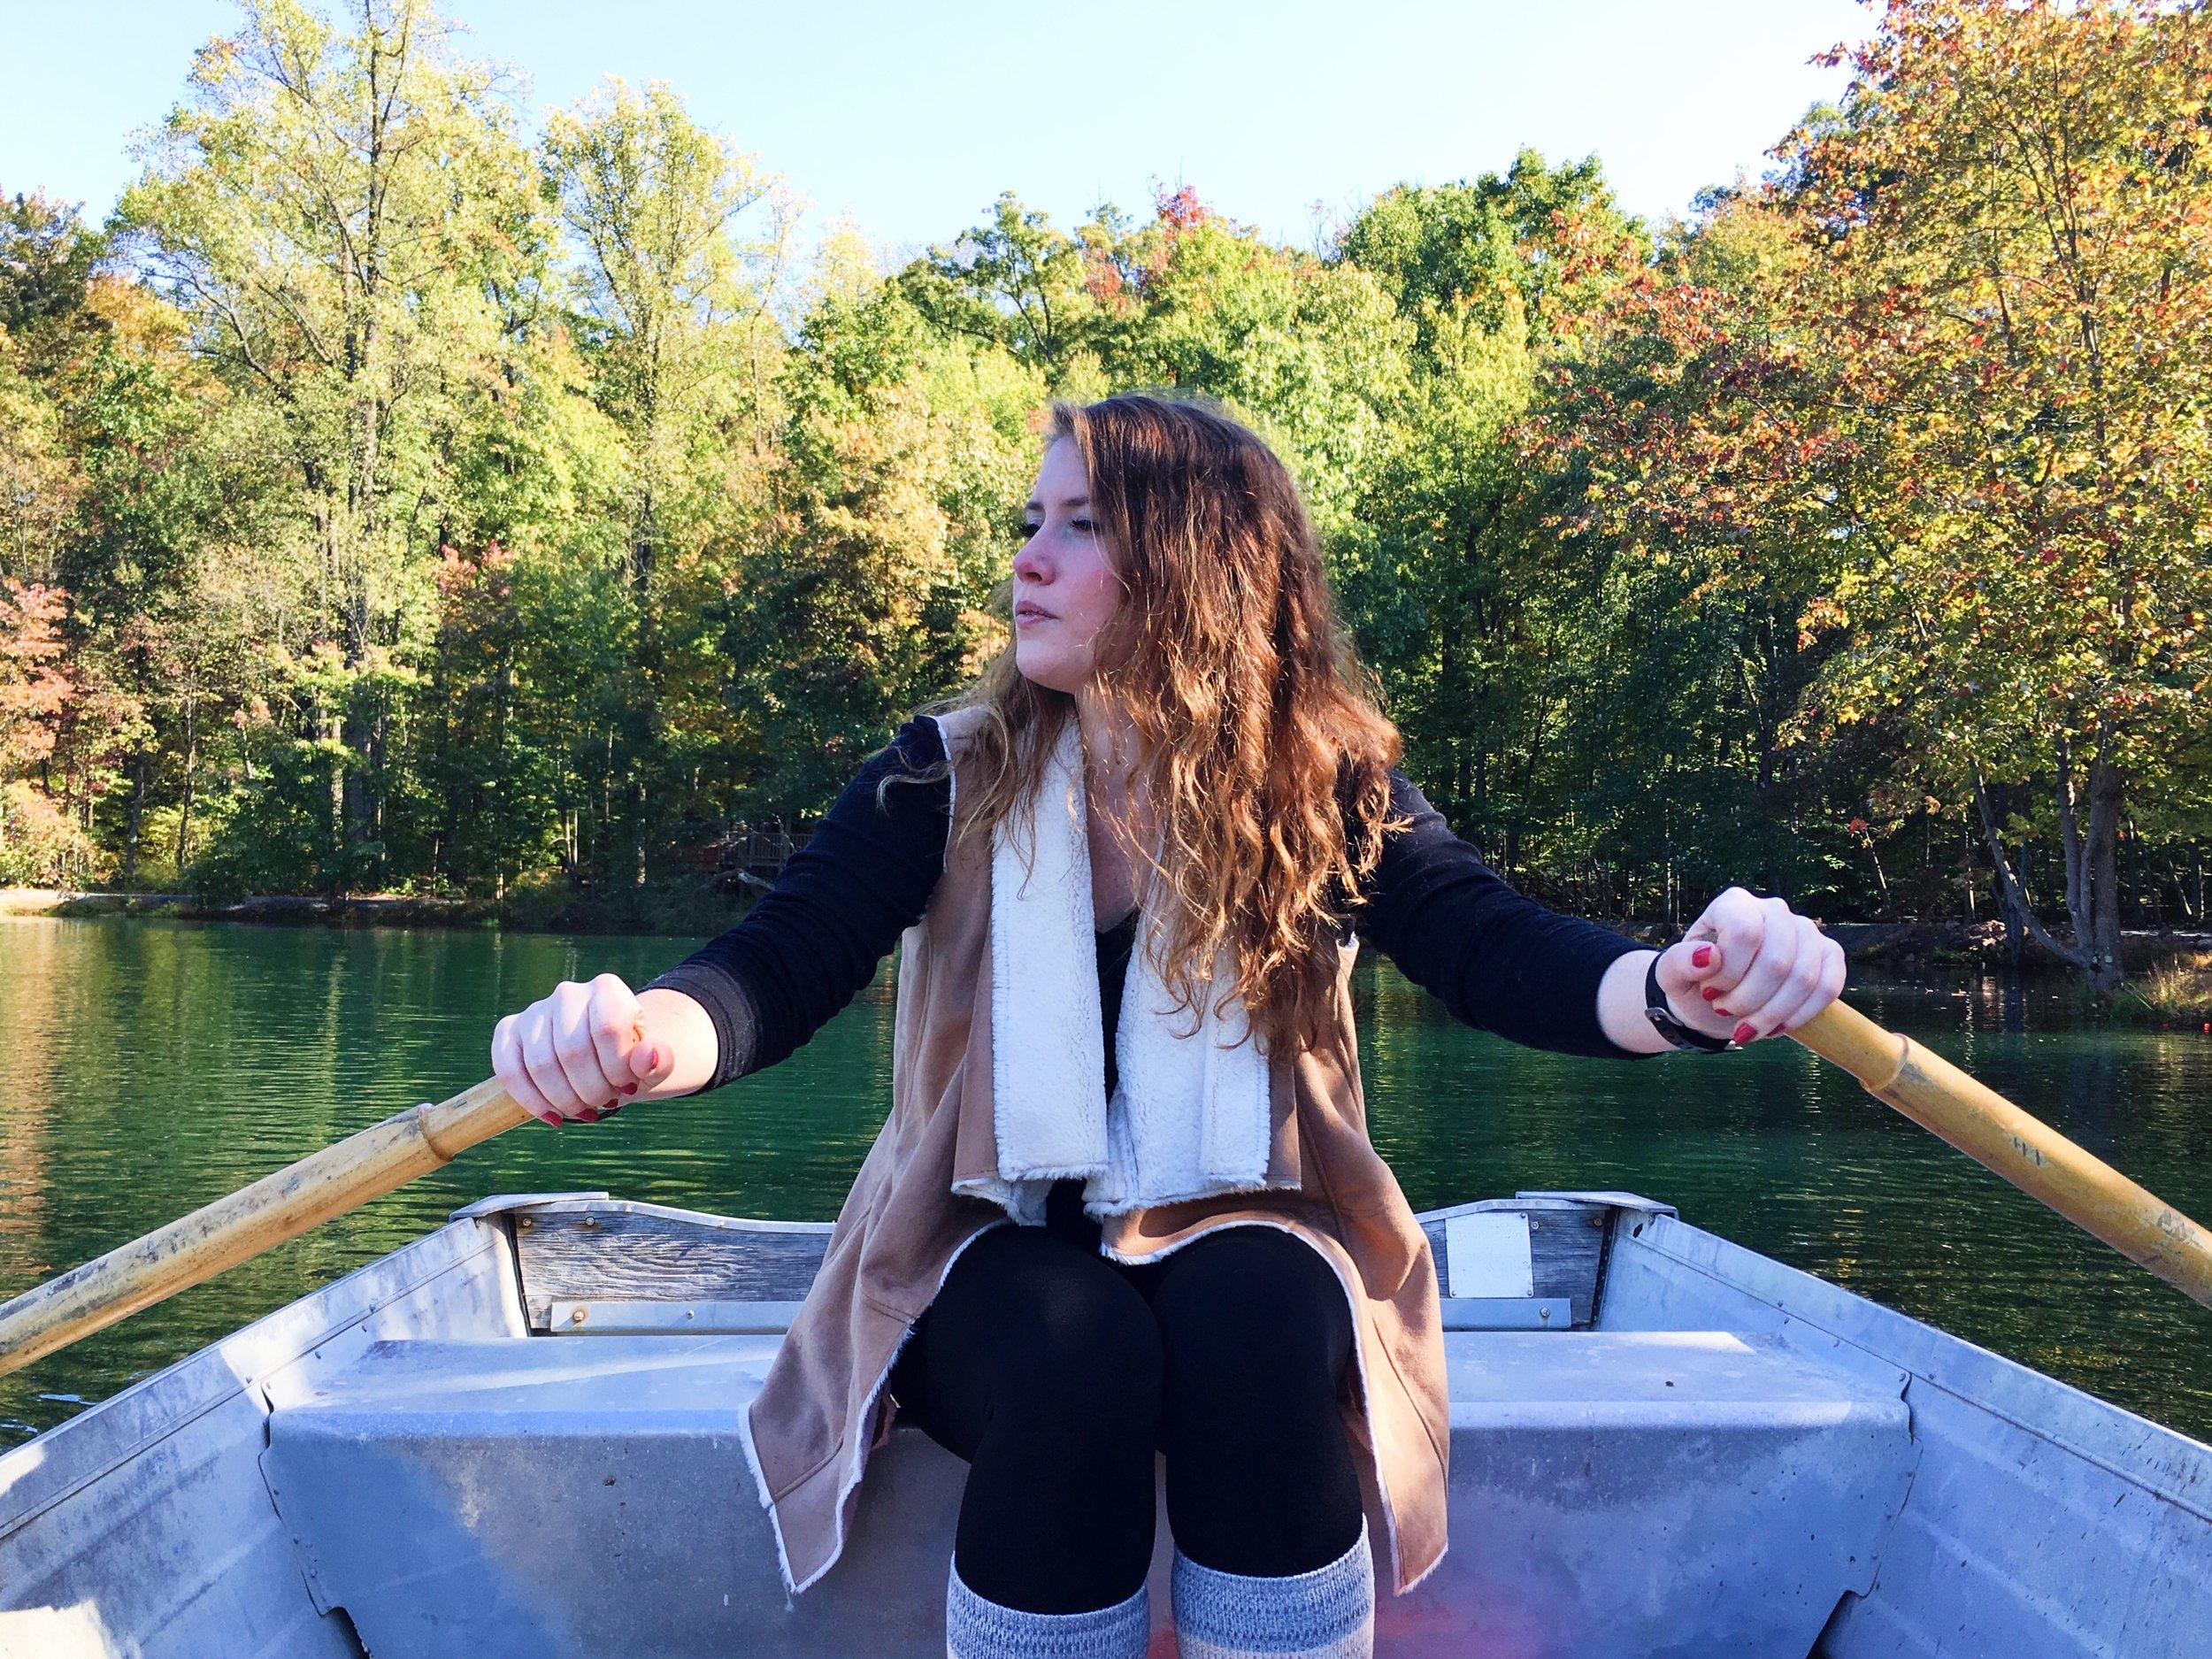 my rowboat captain.